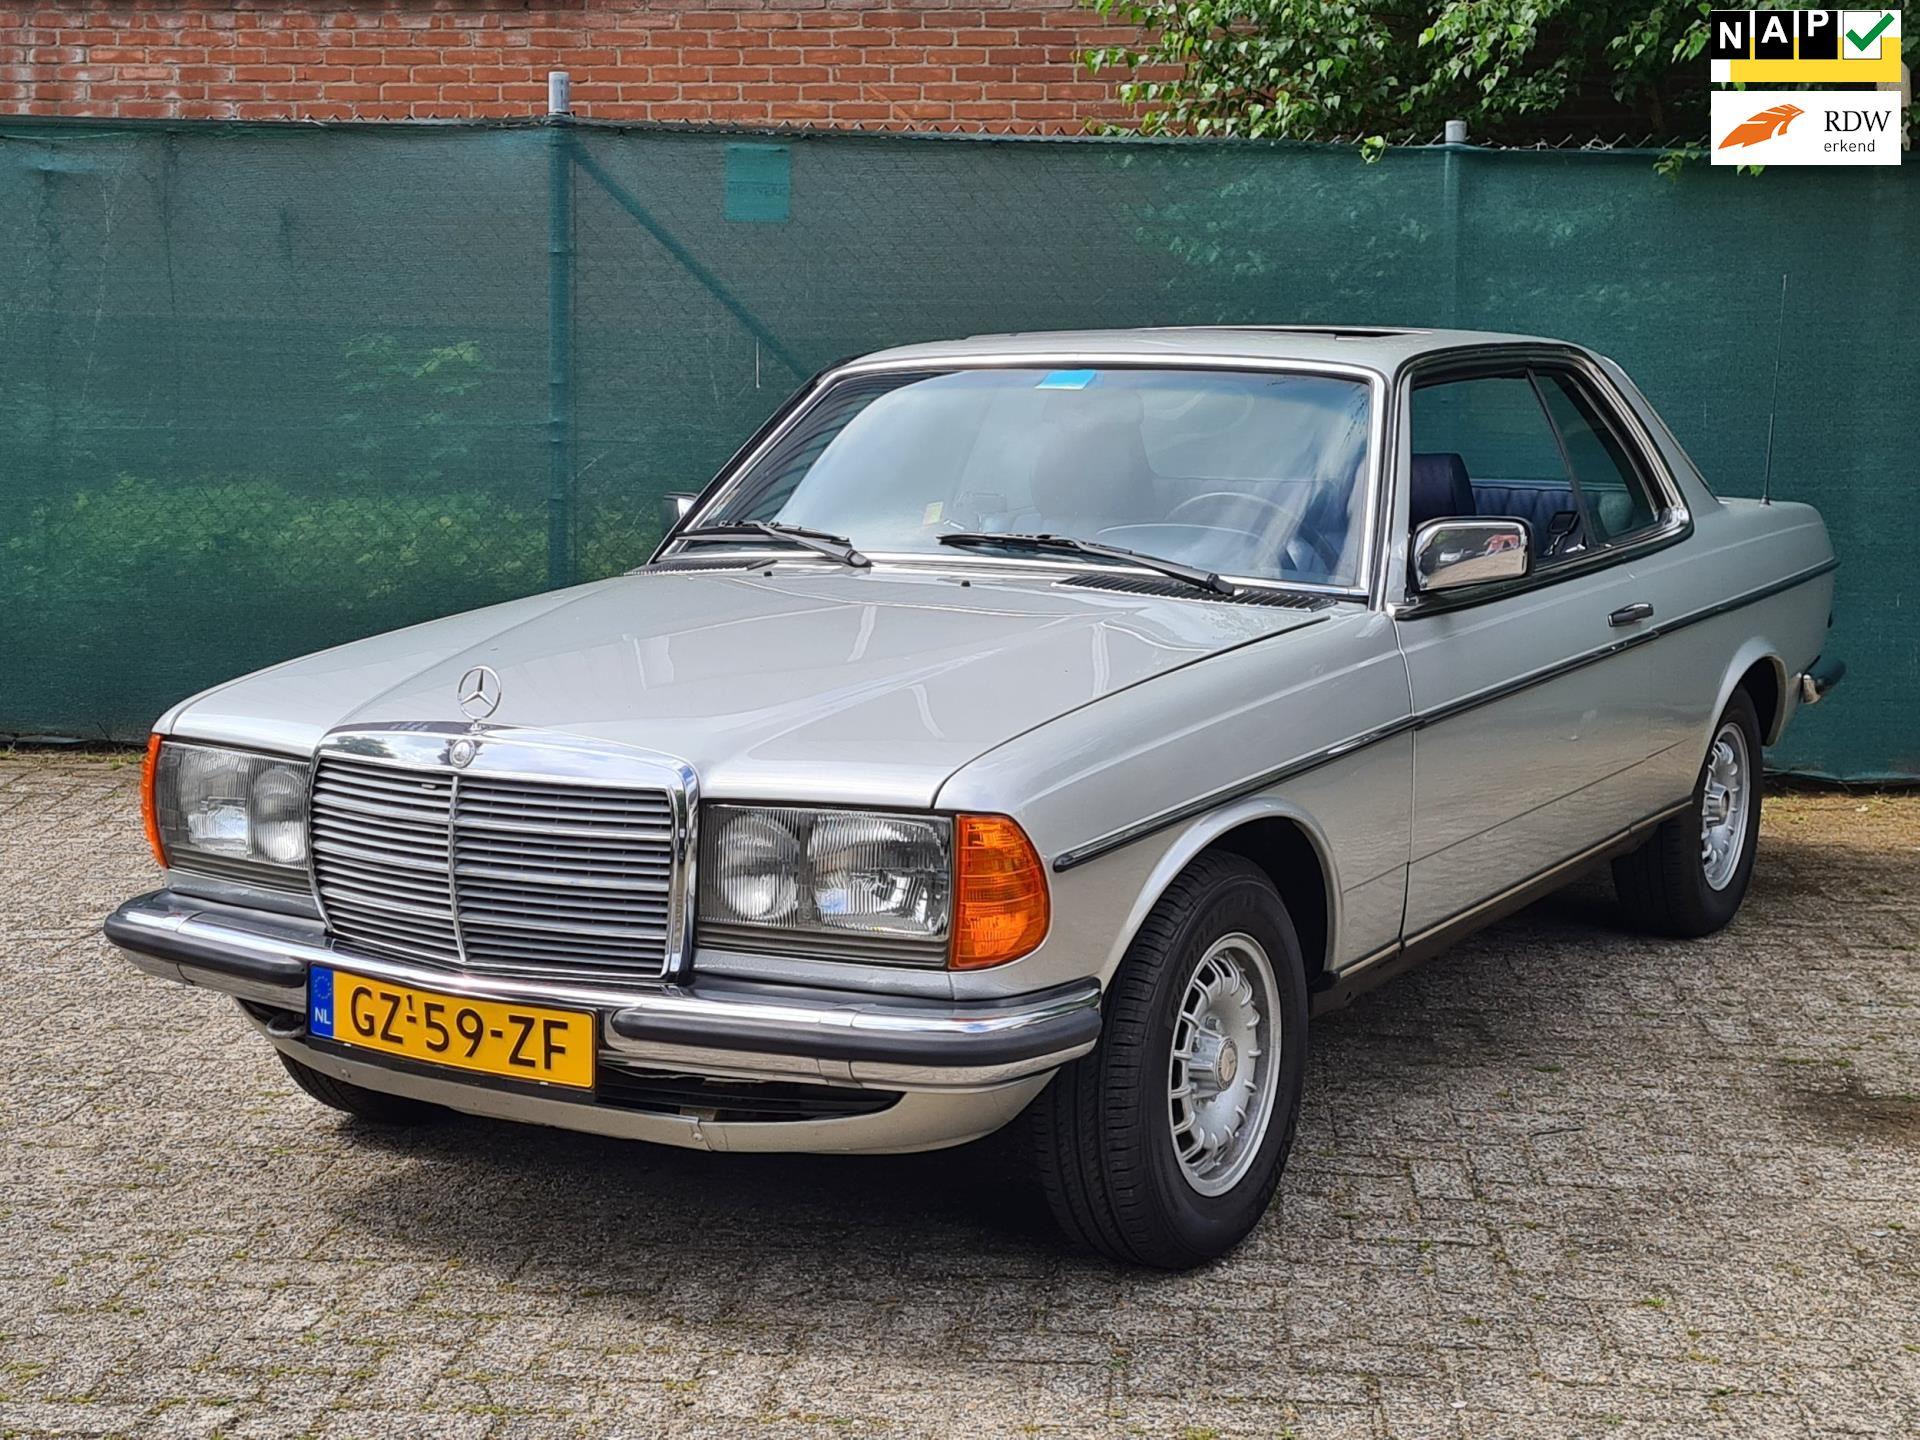 Mercedes-Benz W123 occasion - Van Krieken Auto's